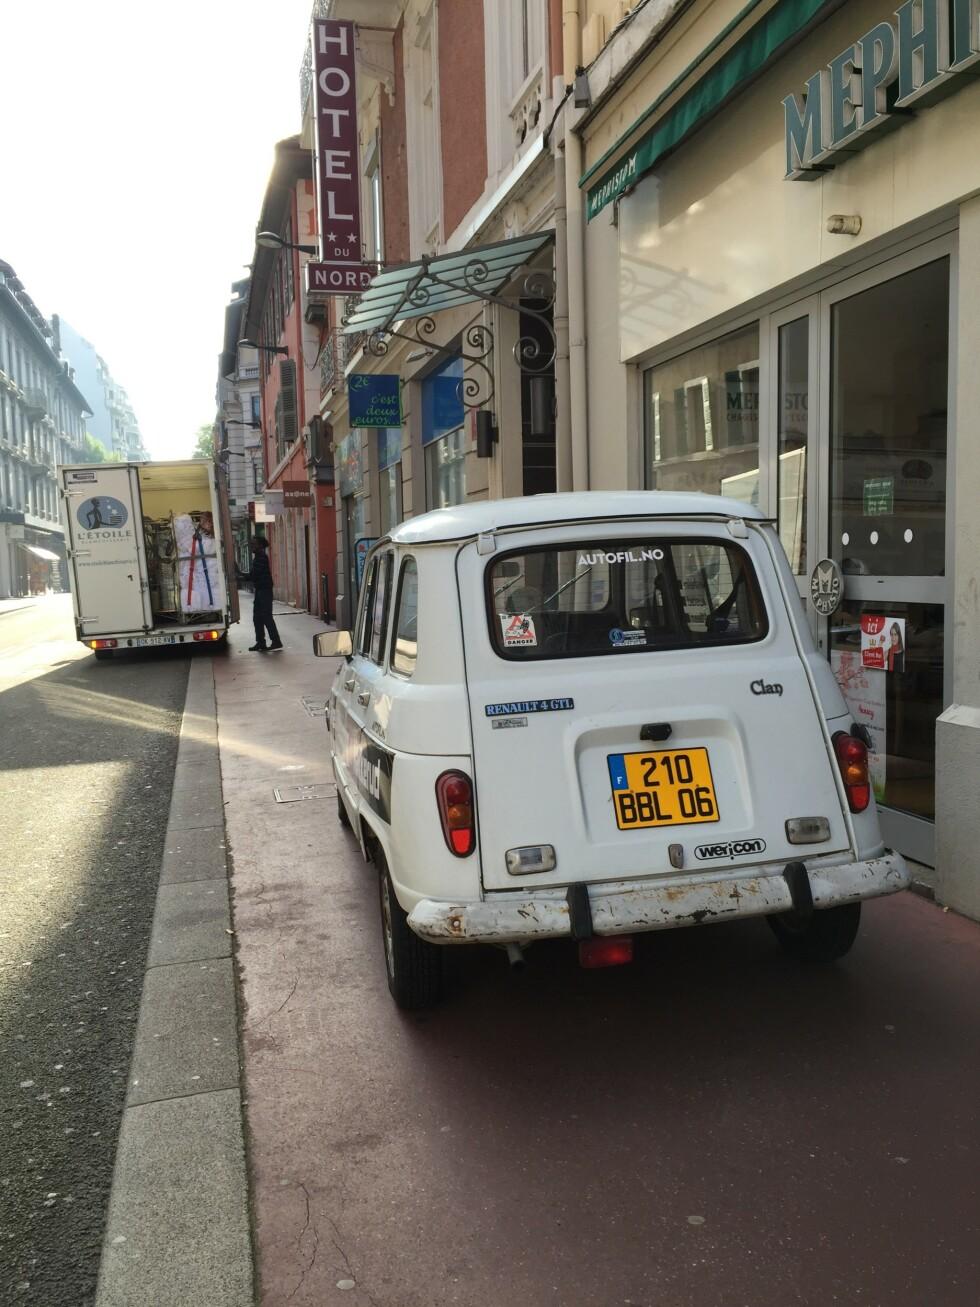 <strong>PÅ GATE:</strong> R4 kledelig parkert utenfor vårt luksushotell i Annecy.